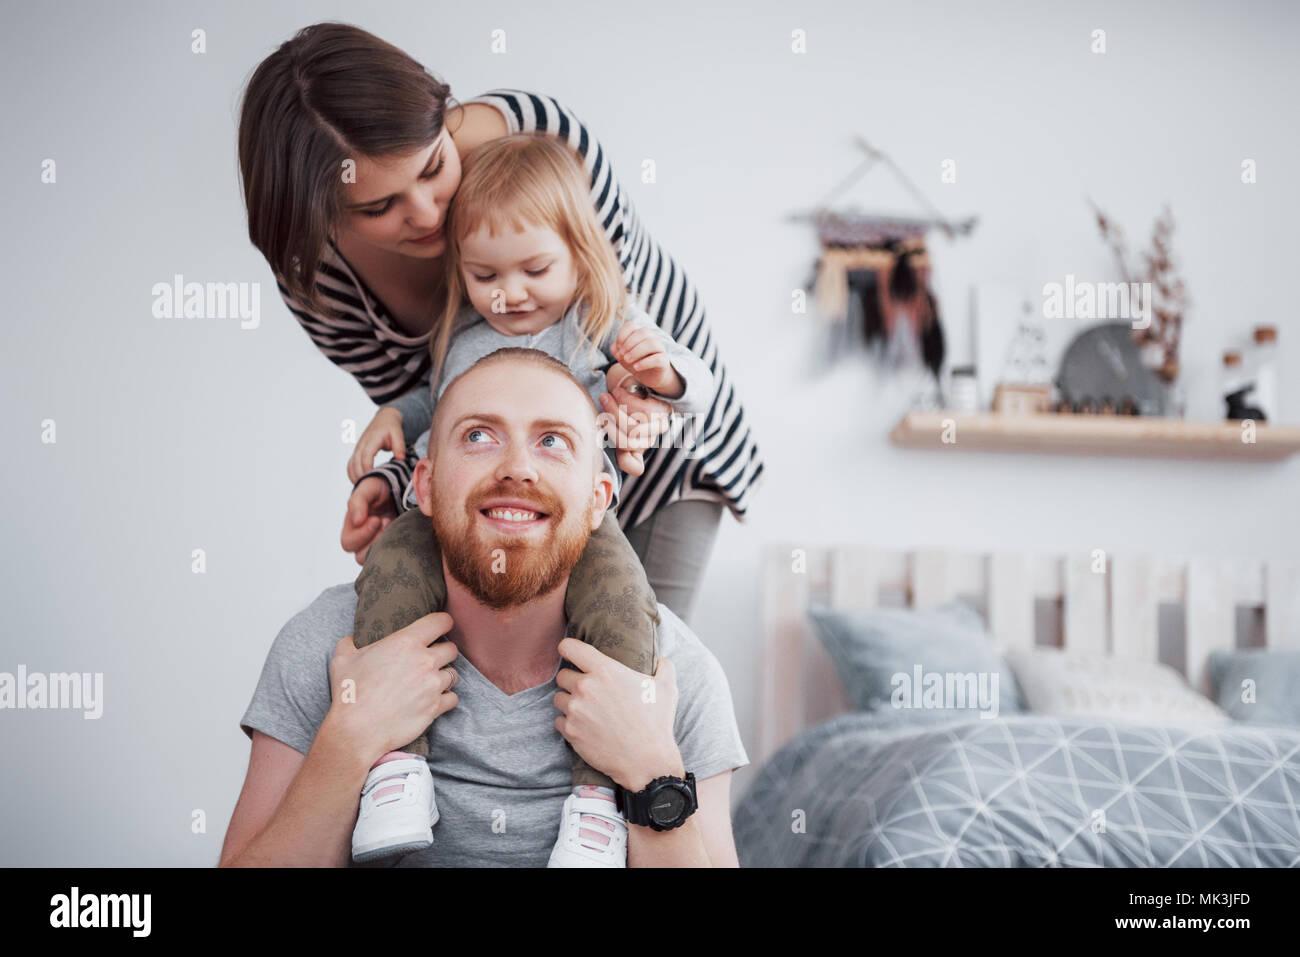 Glückliche Familie, Mutter, Vater, Kind Tochter zu Hause Stockbild